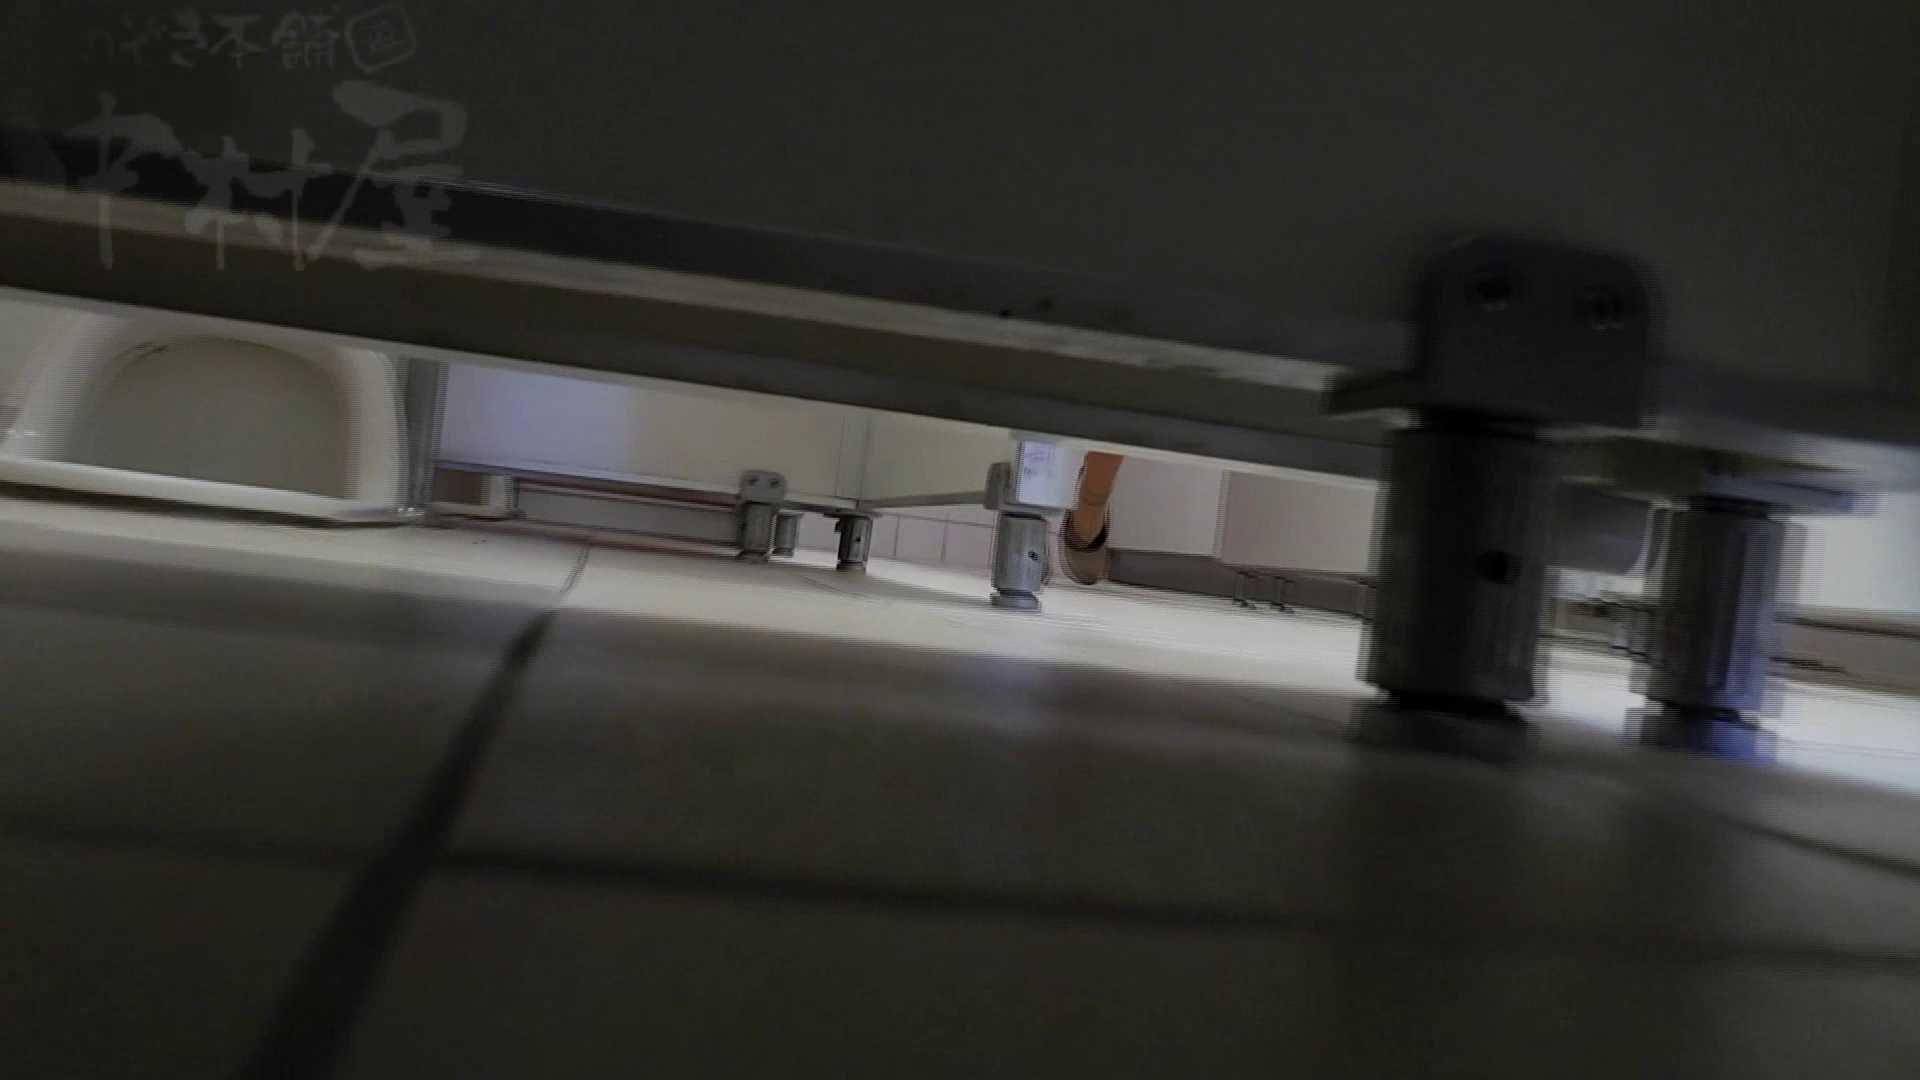 美しい日本の未来 No.29 豹柄サンダルはイ更●気味??? トイレ 盗み撮り動画キャプチャ 111連発 5